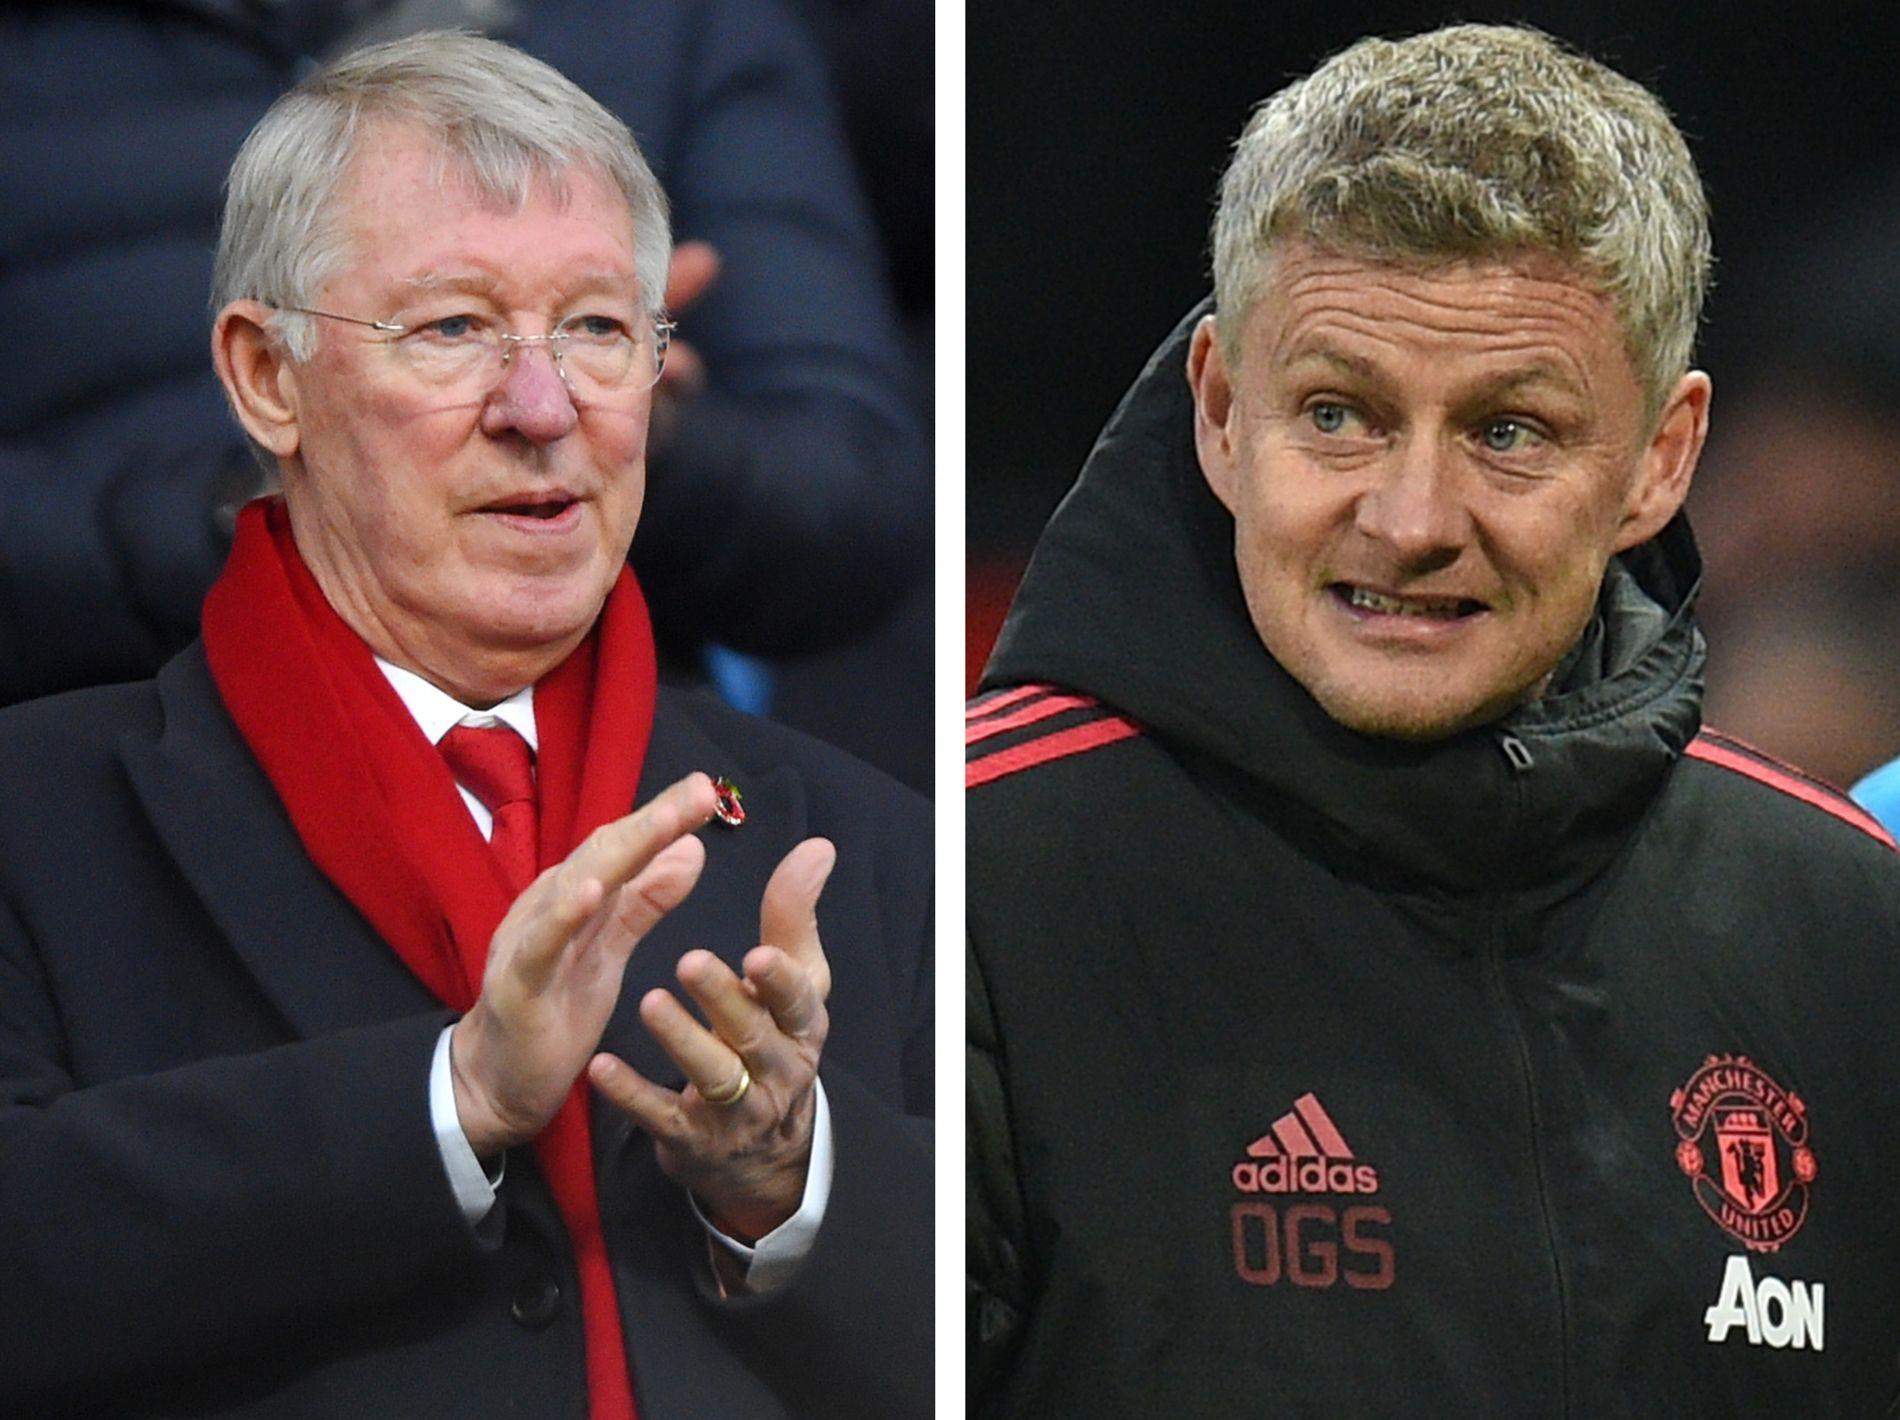 LÆREMESTEREN: Sir Alex Ferguson har hatt stor innflytelse på Ole Gunnar Solskjær, men nordmannen hevder at han ikke får særlig mye hjelp av skotten nå.